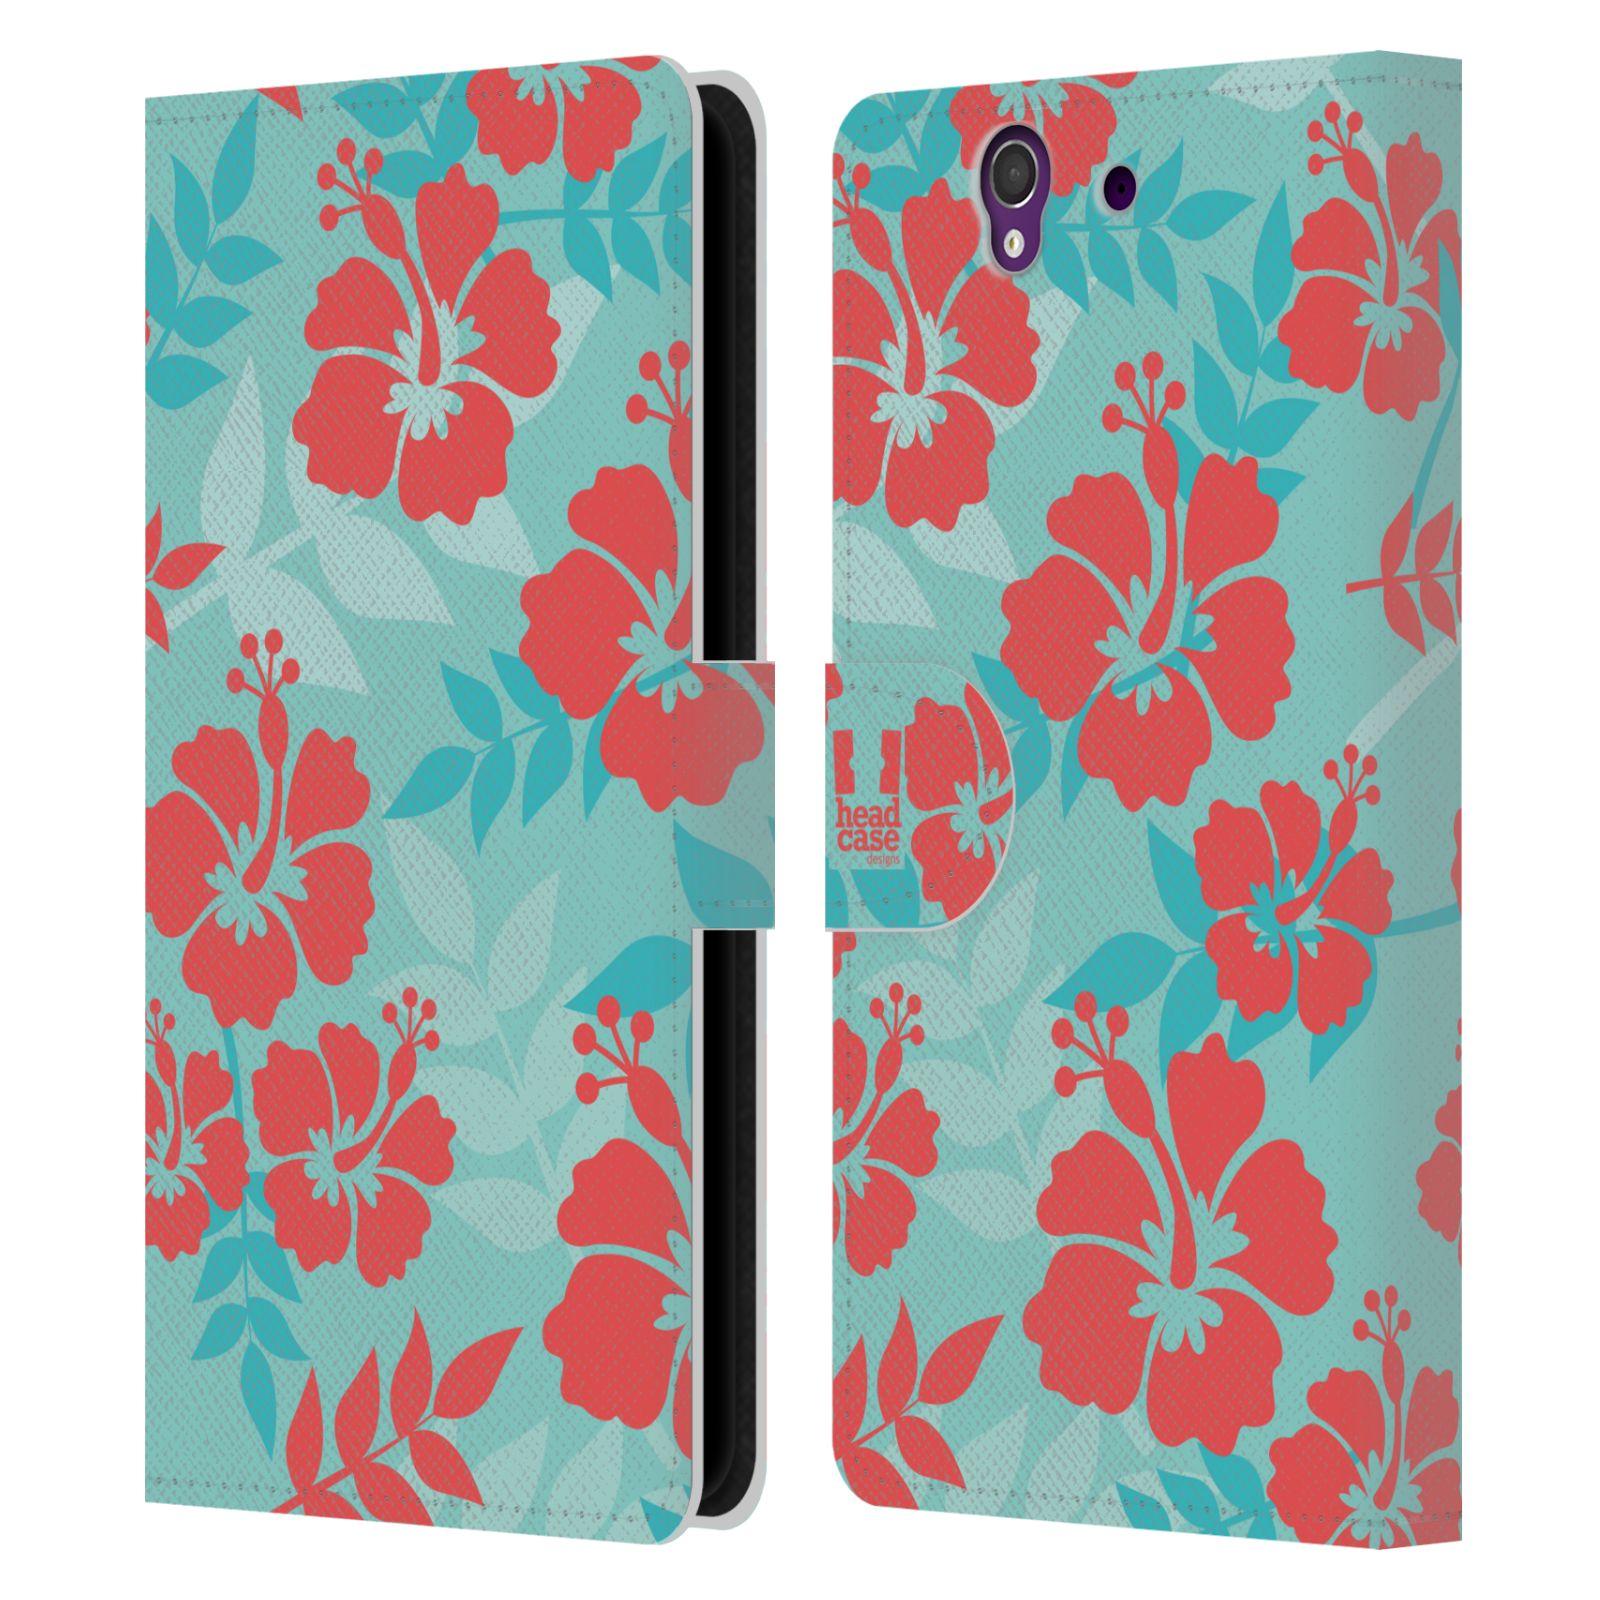 HEAD CASE Flipové pouzdro pro mobil SONY XPERIA Z (C6603) Havajský vzor Ibišek květ modrá a růžová